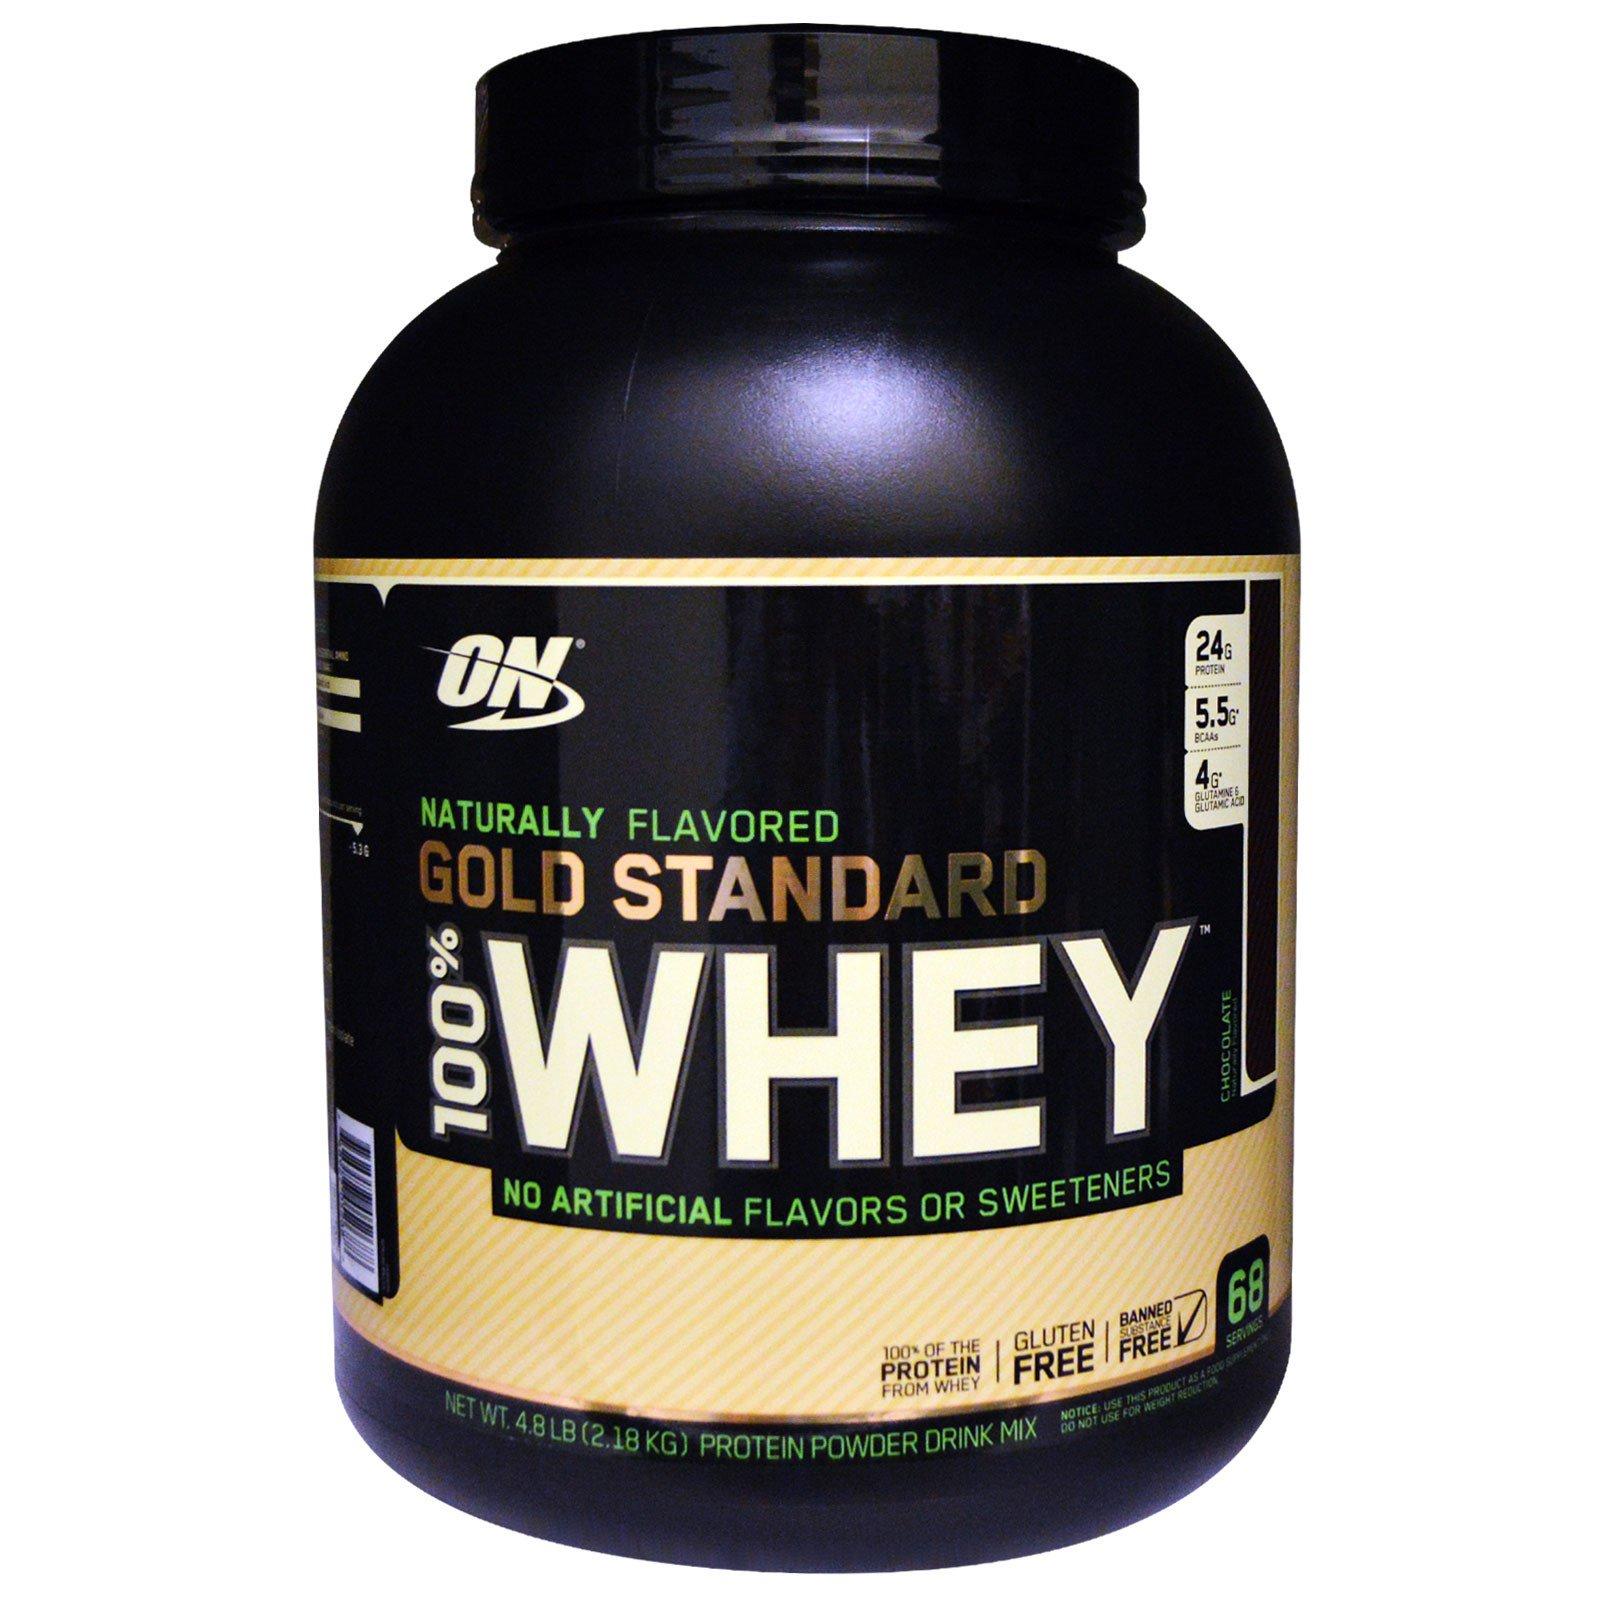 Optimum Nutrition, Золотой стандарт, 100% сыворотка, Натуральный продукт, Шоколадный вкус, 4,8 фунта (2,18 кг)